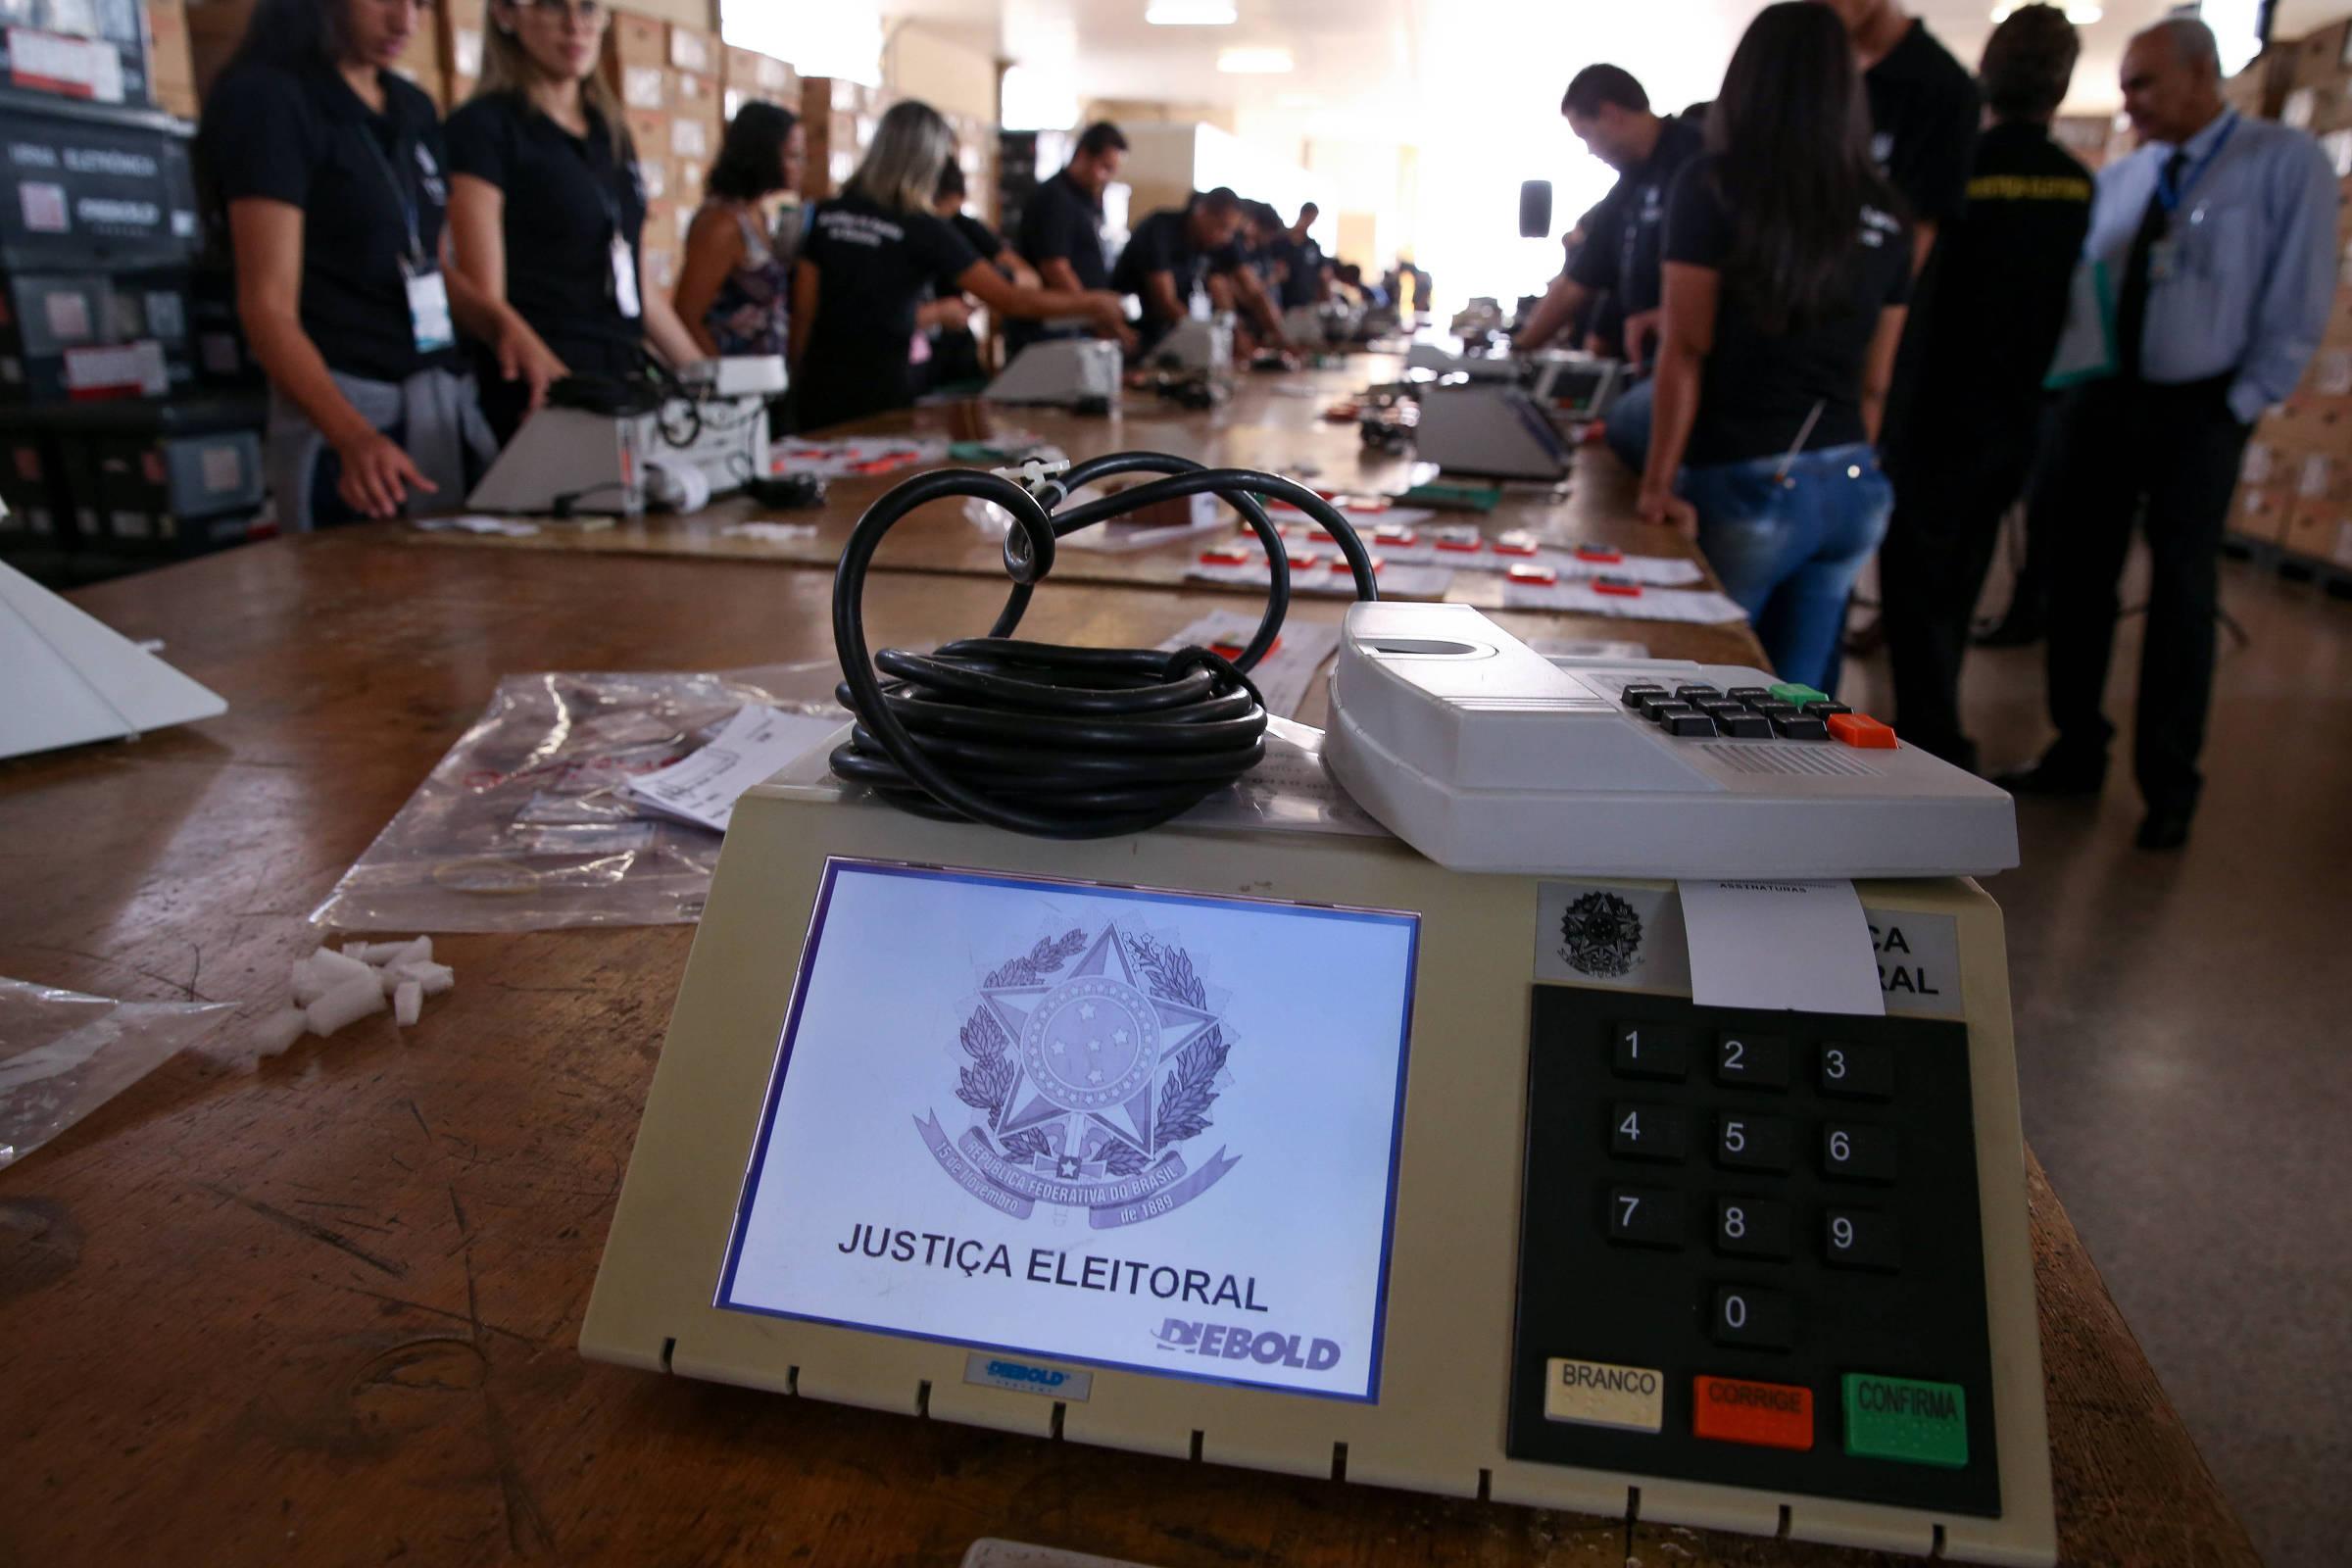 O Senado quer votar na próxima semana, adiando as eleições para novembro - 17 de junho de 2020. - Poder